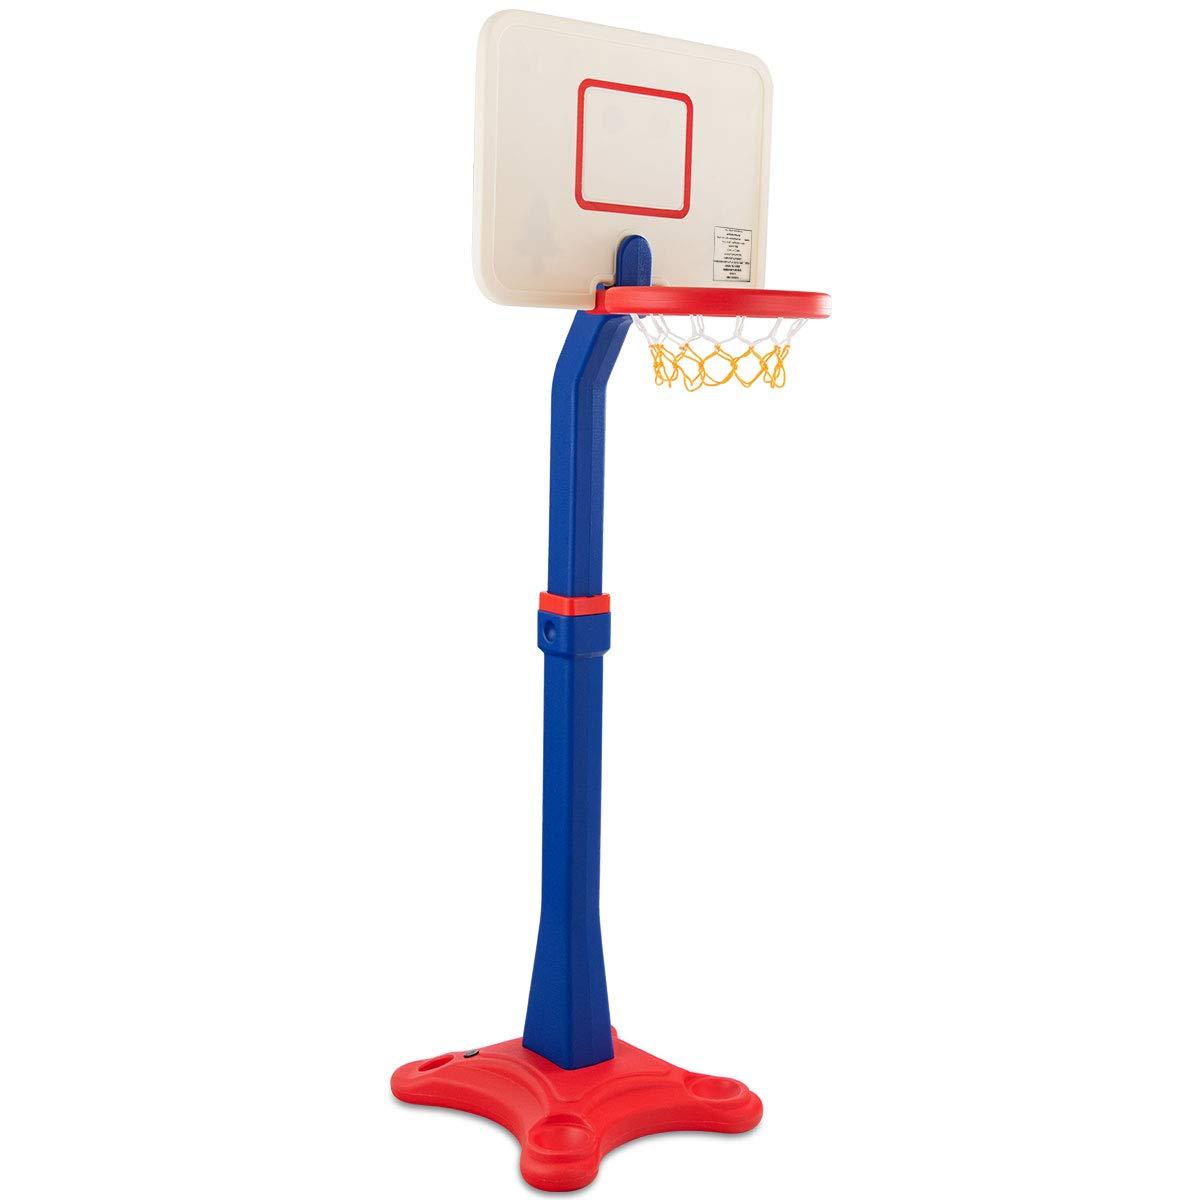 costzonキッズバスケットボールスタンド、バスケットボールフープと調節可能な高さ、キッズPlayおもちゃ、ポータブルデザインforインドアアウトドア Height Adjusts from 63''- 85'' FWAM-01591 B07FNLC61P  Height Adjusts from 63''- 85''